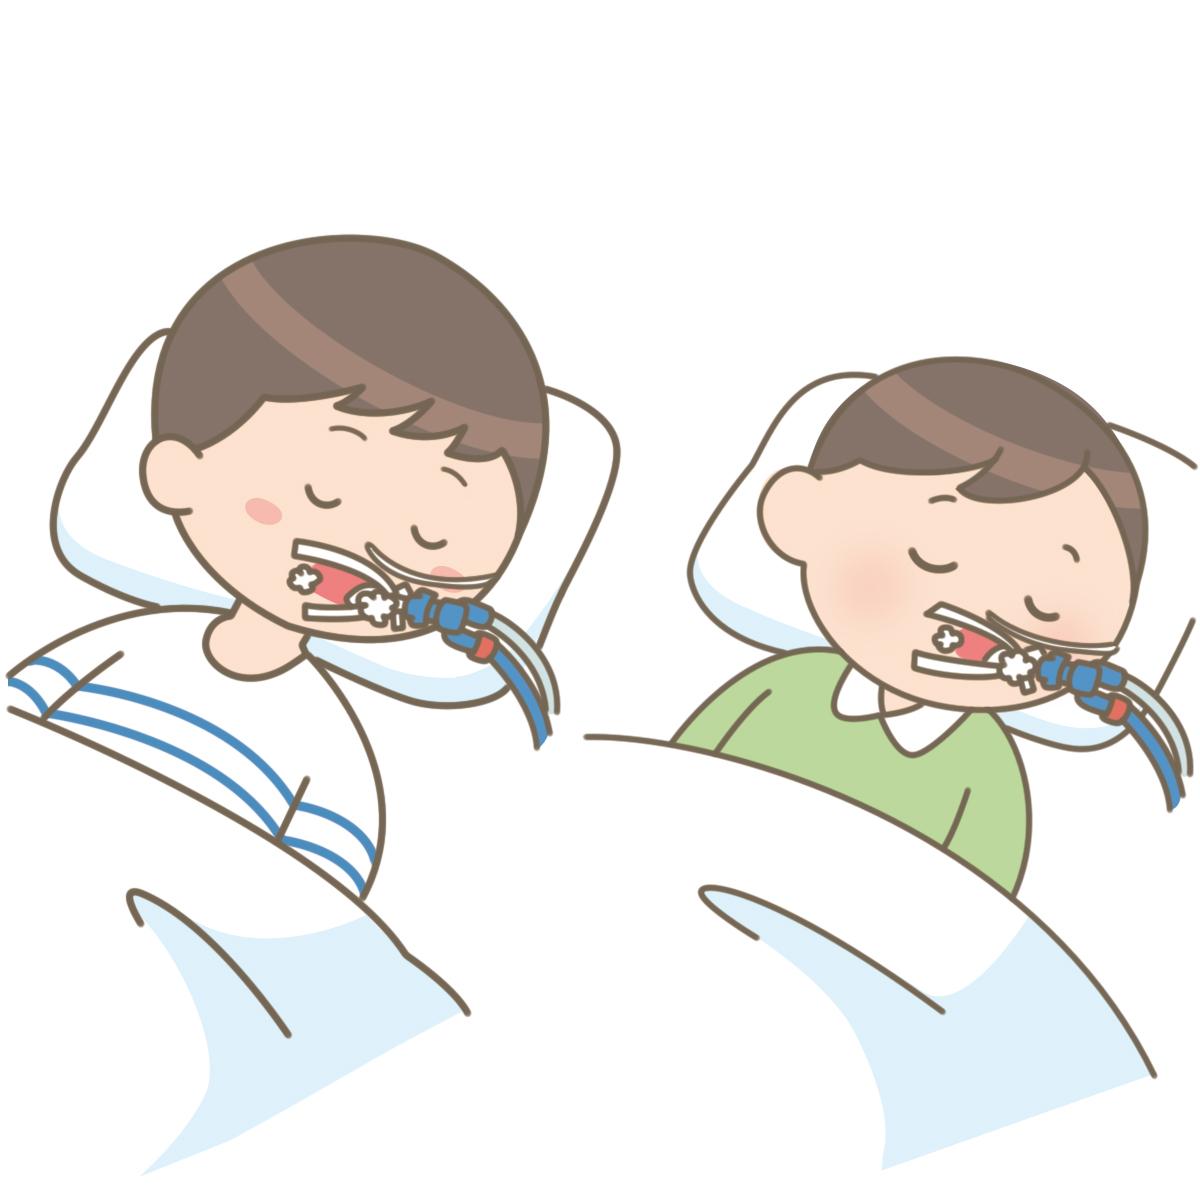 経口挿管をしてむせこんでいる幼児と学童のイラストです